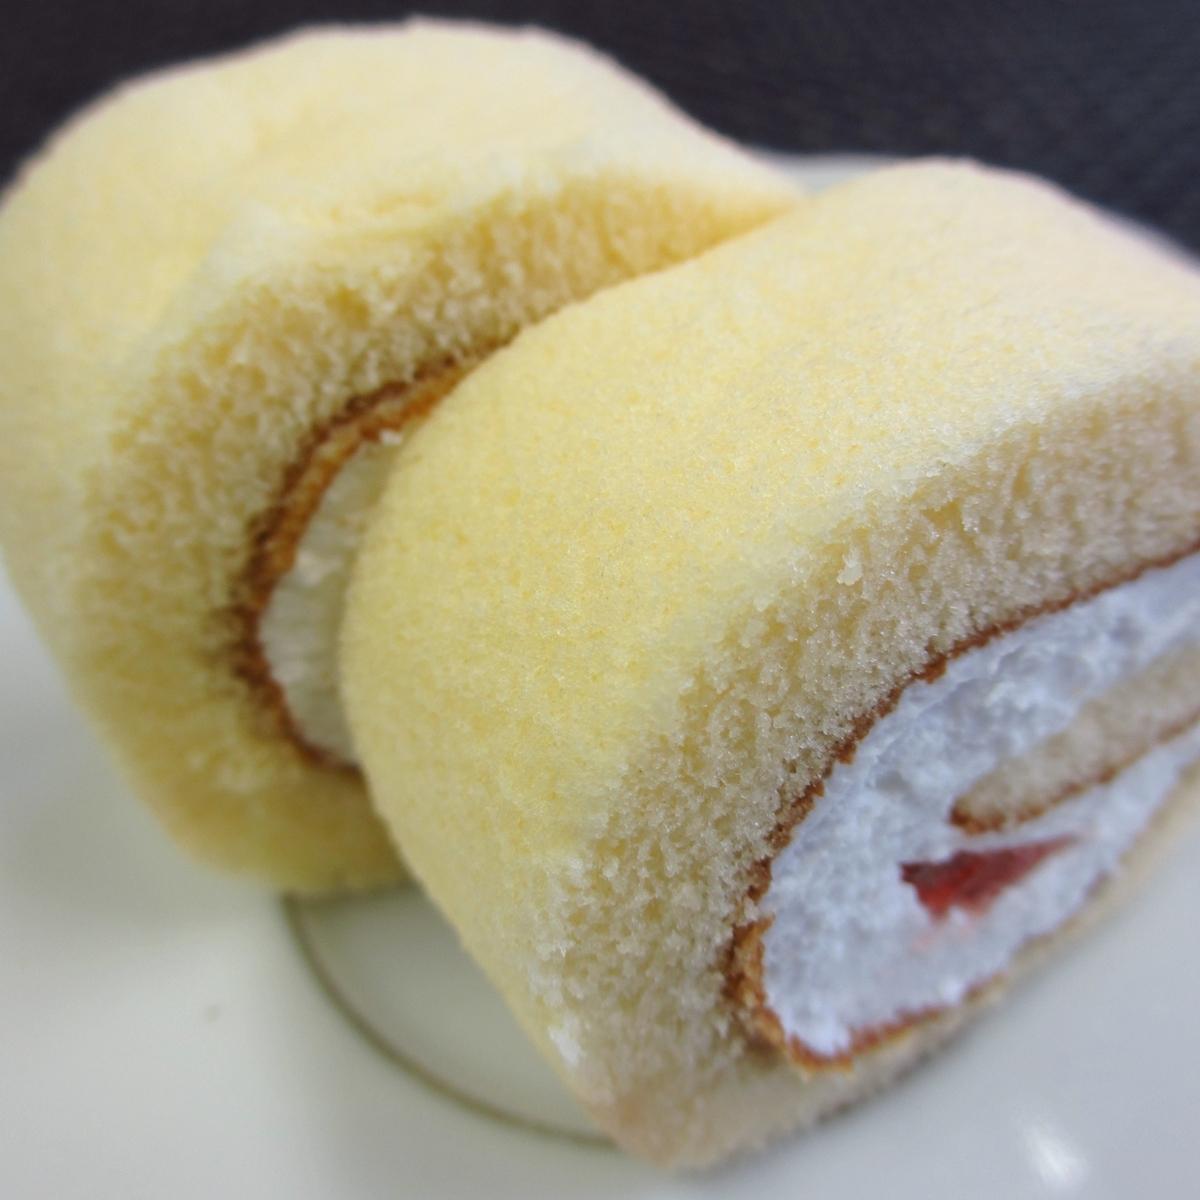 イチゴのロールケーキ20150627 (5)